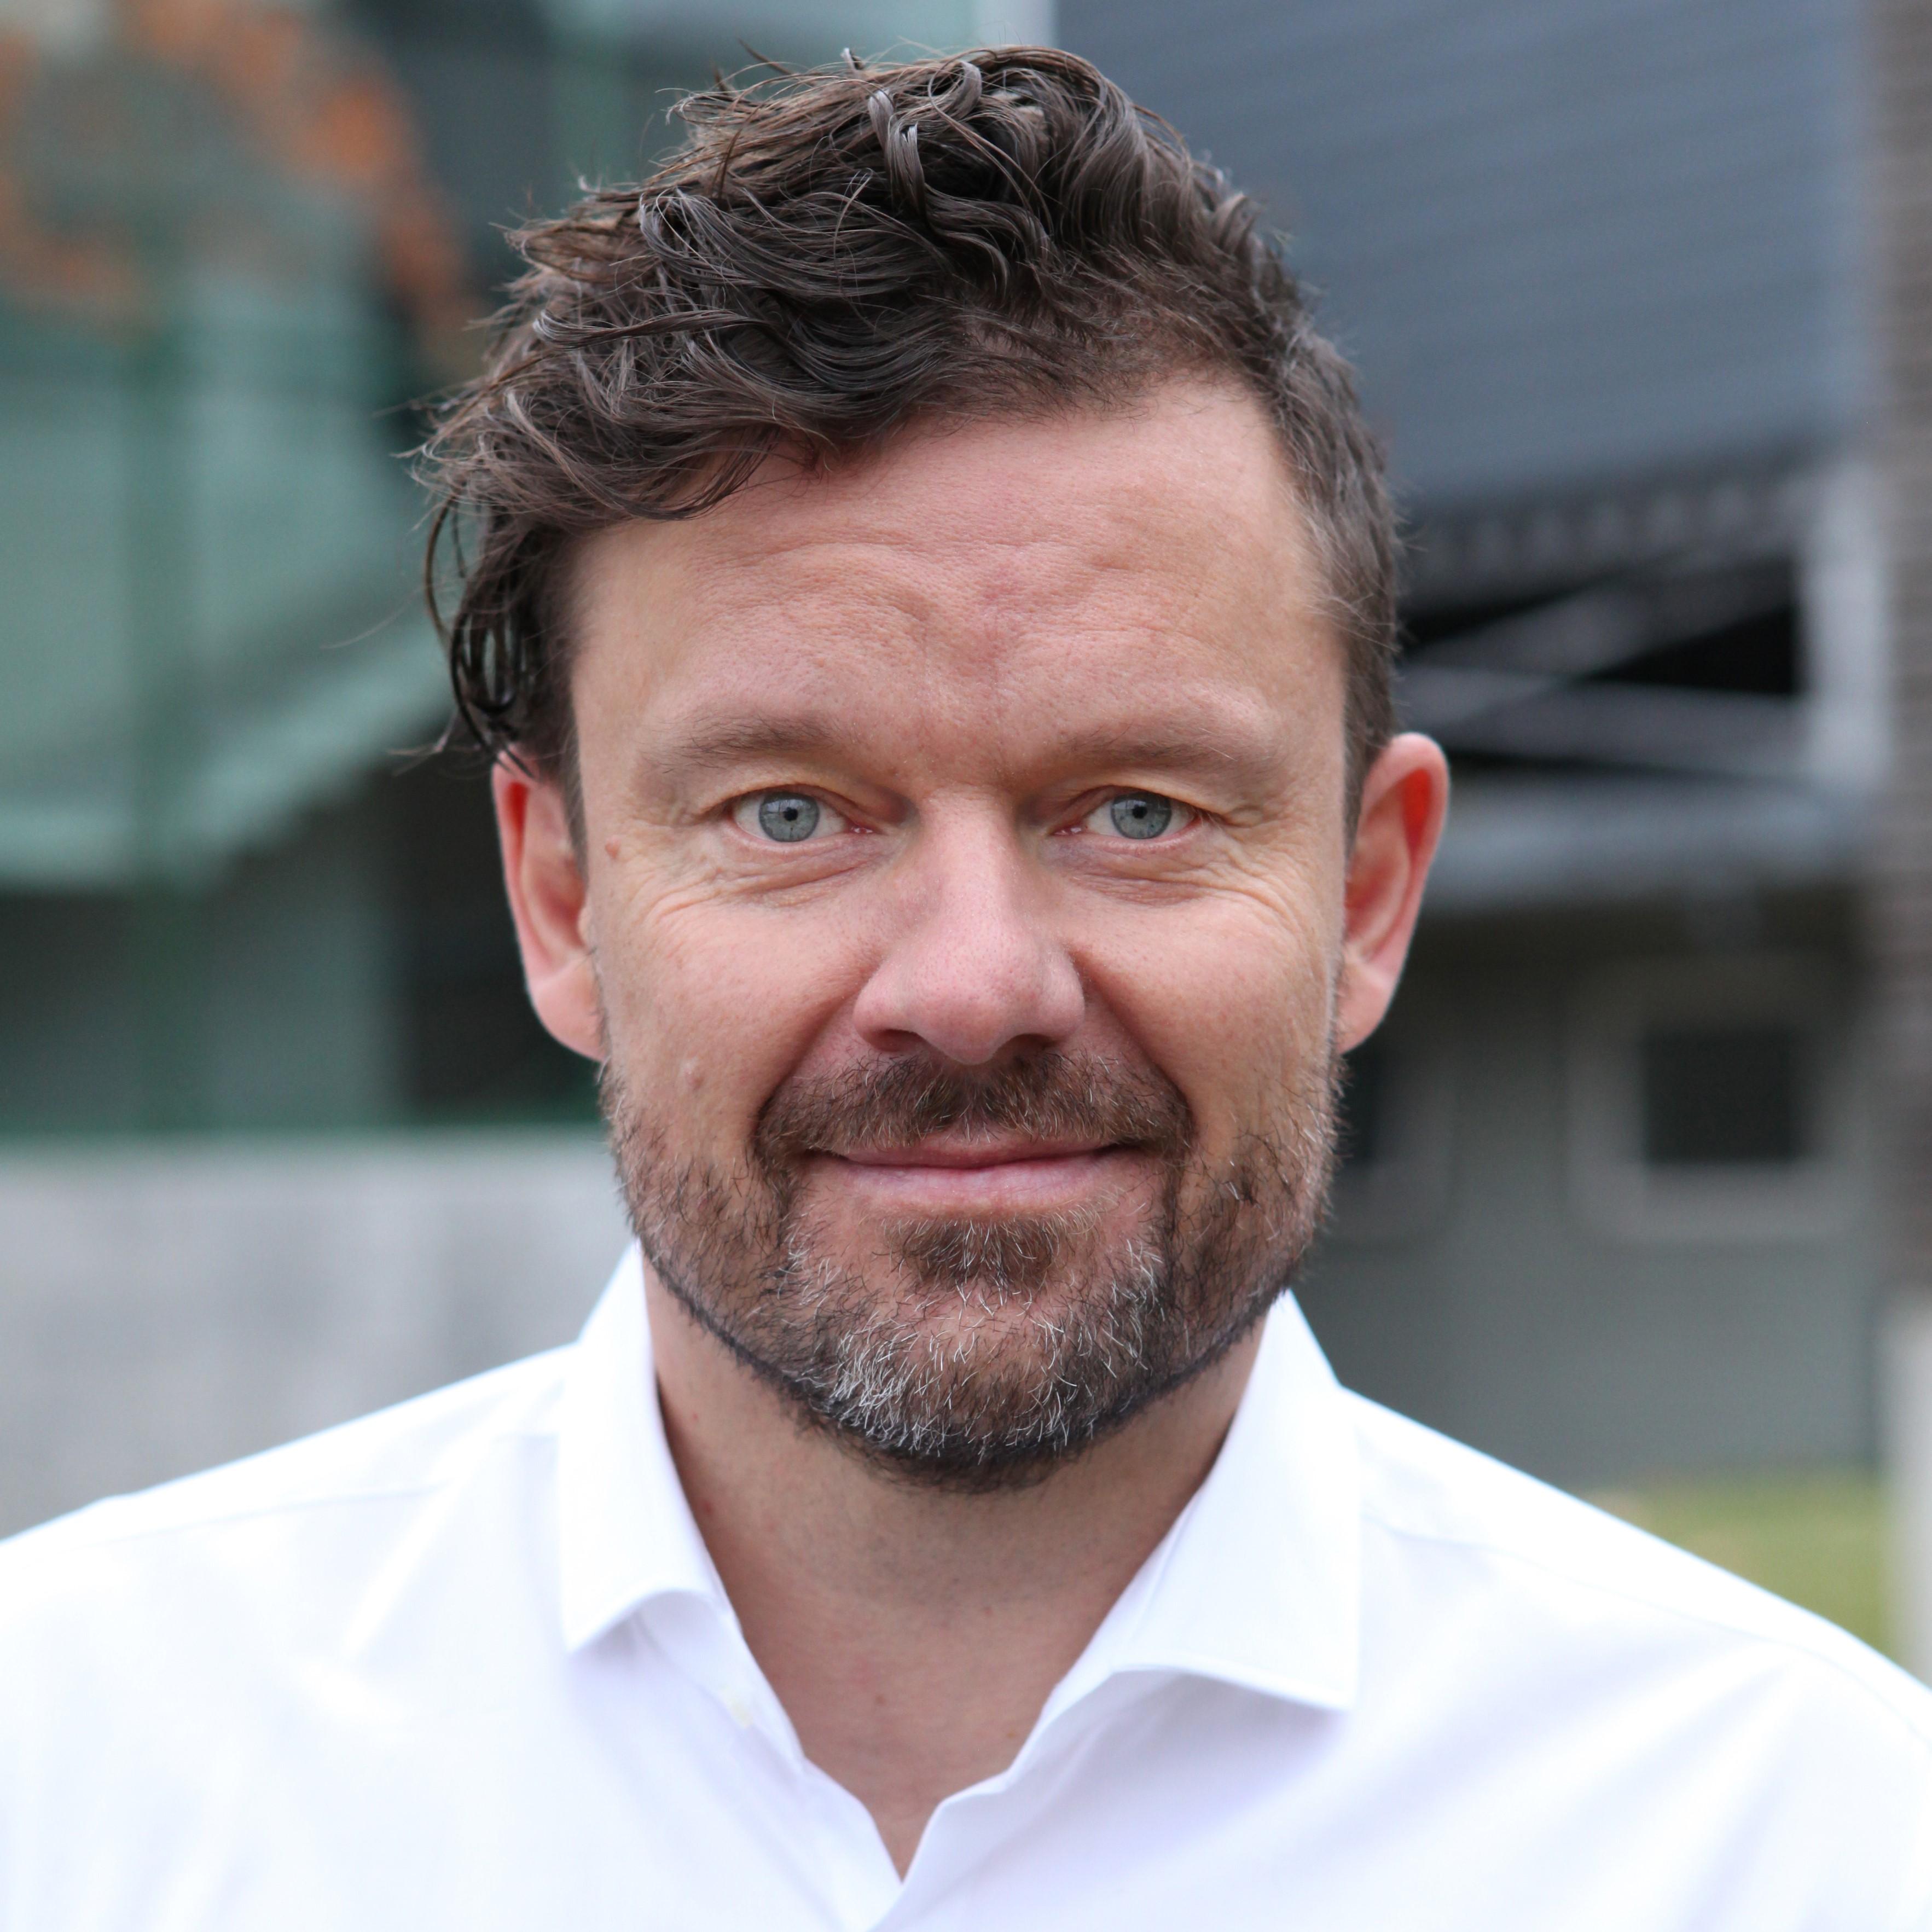 Mark Möbius